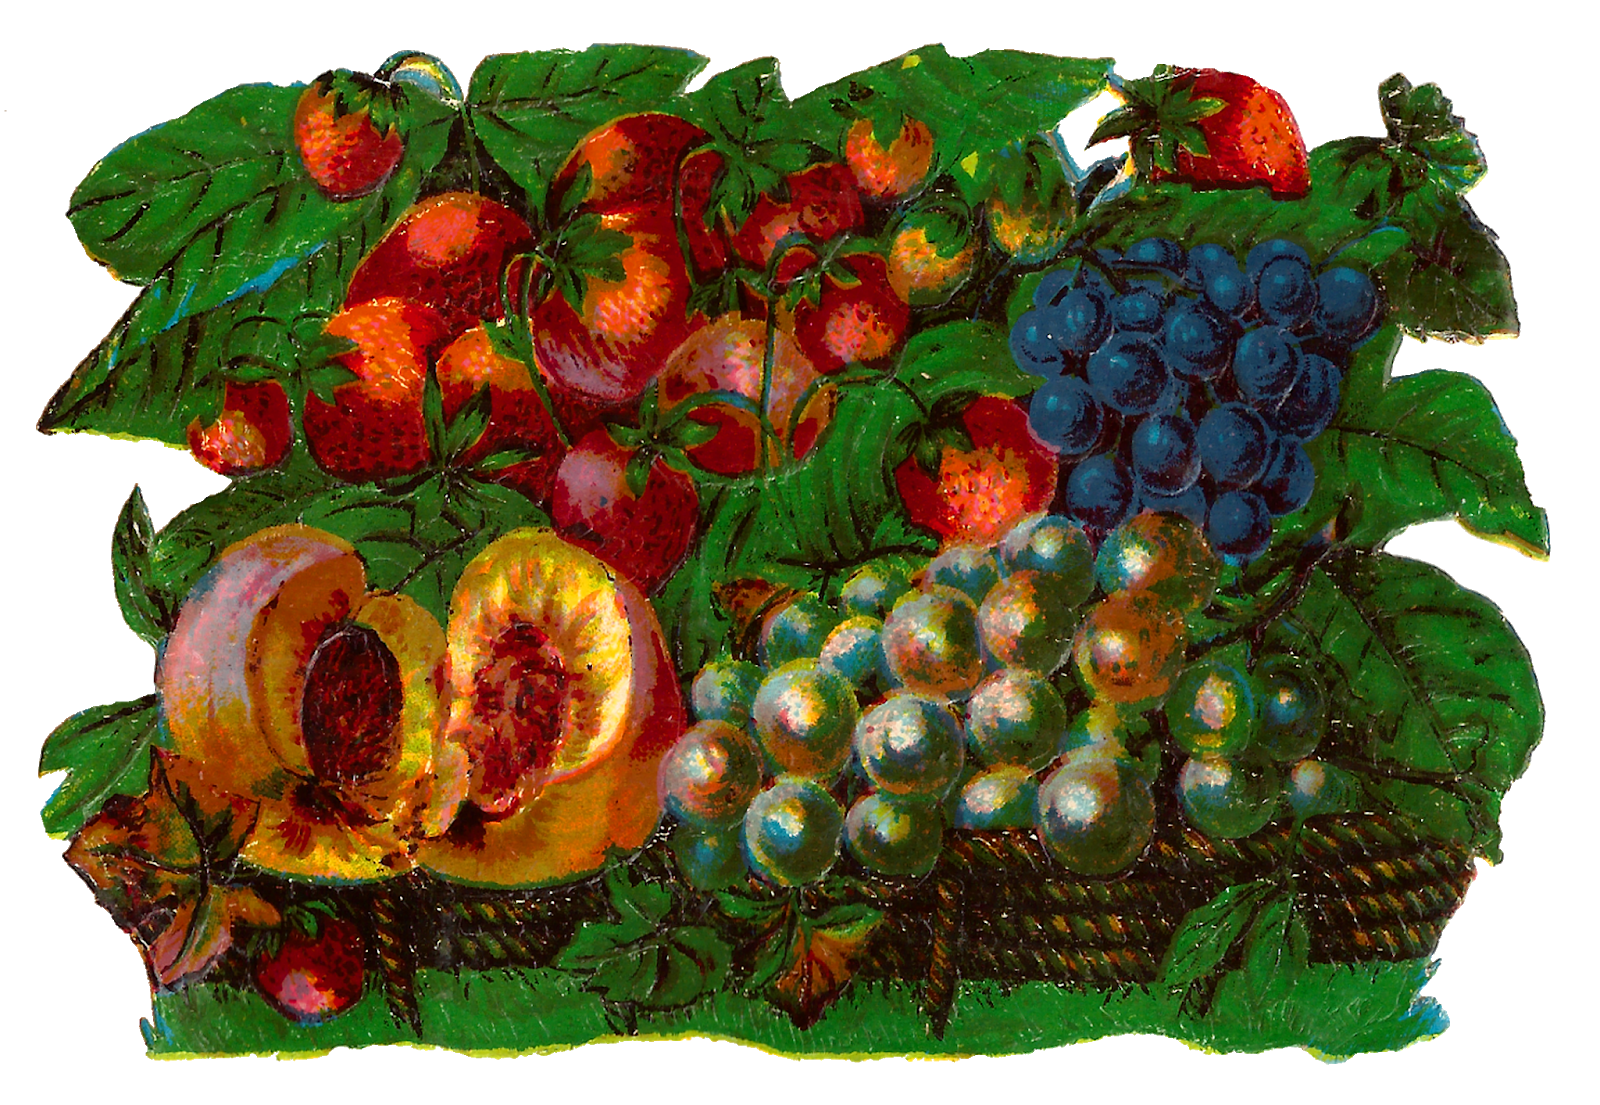 Fruits clipart victorian. Antique images vintage fruit